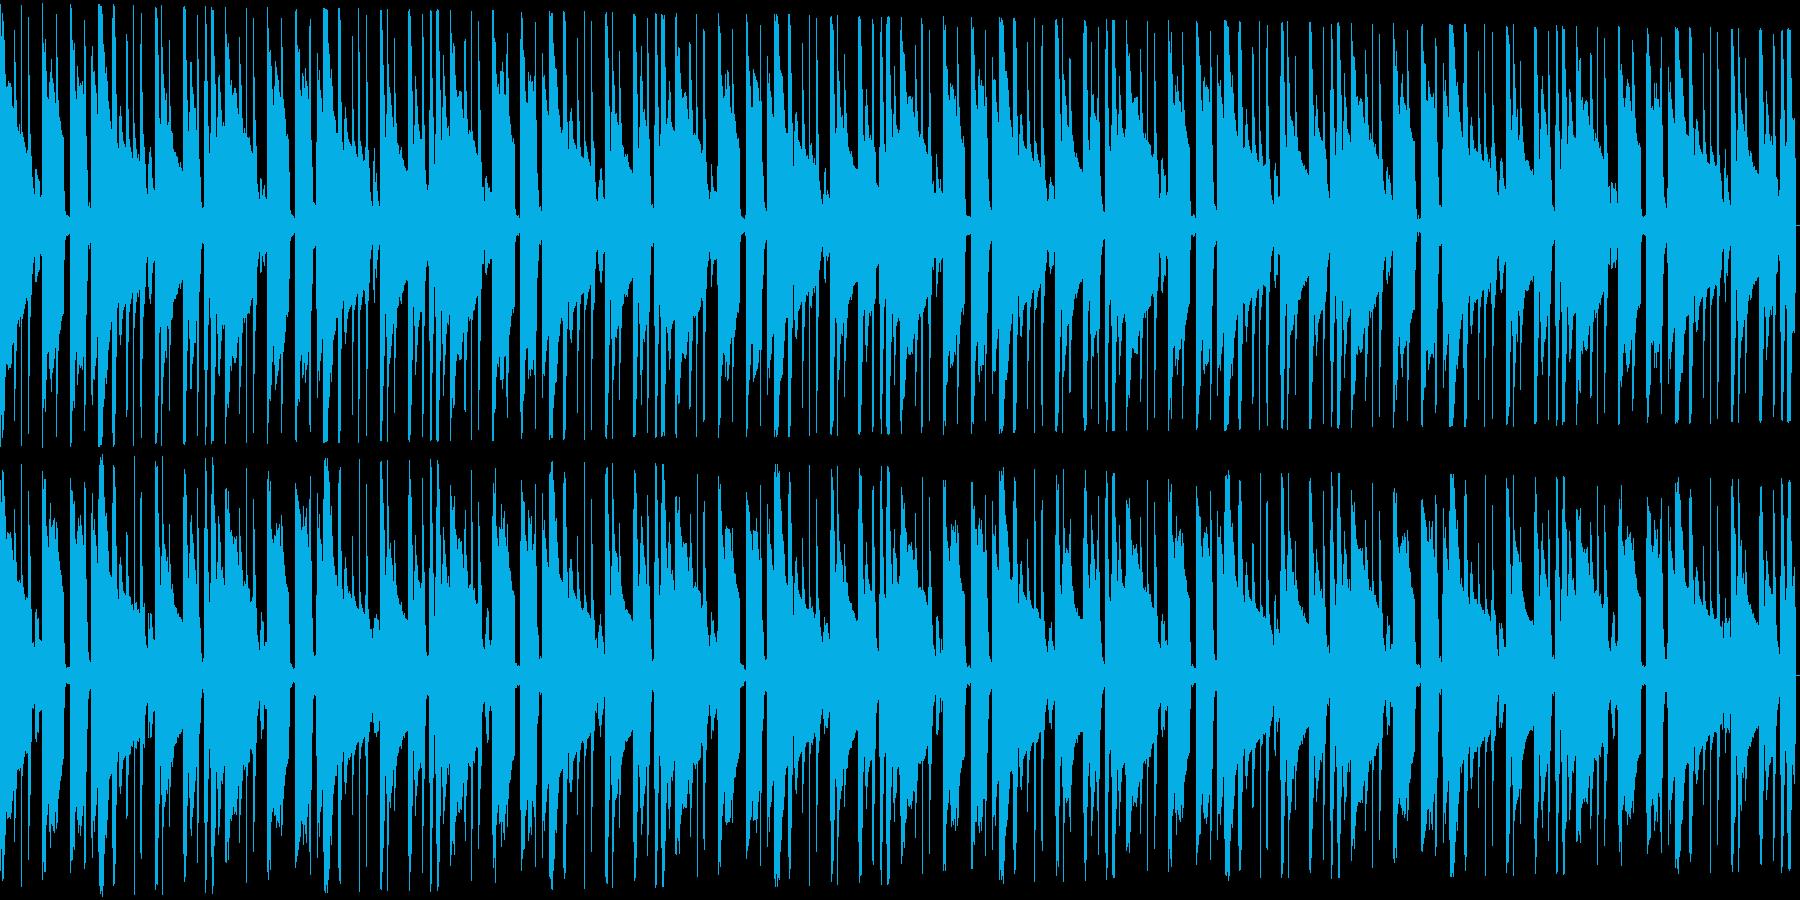 トロピカルなトラップビート16小節の再生済みの波形